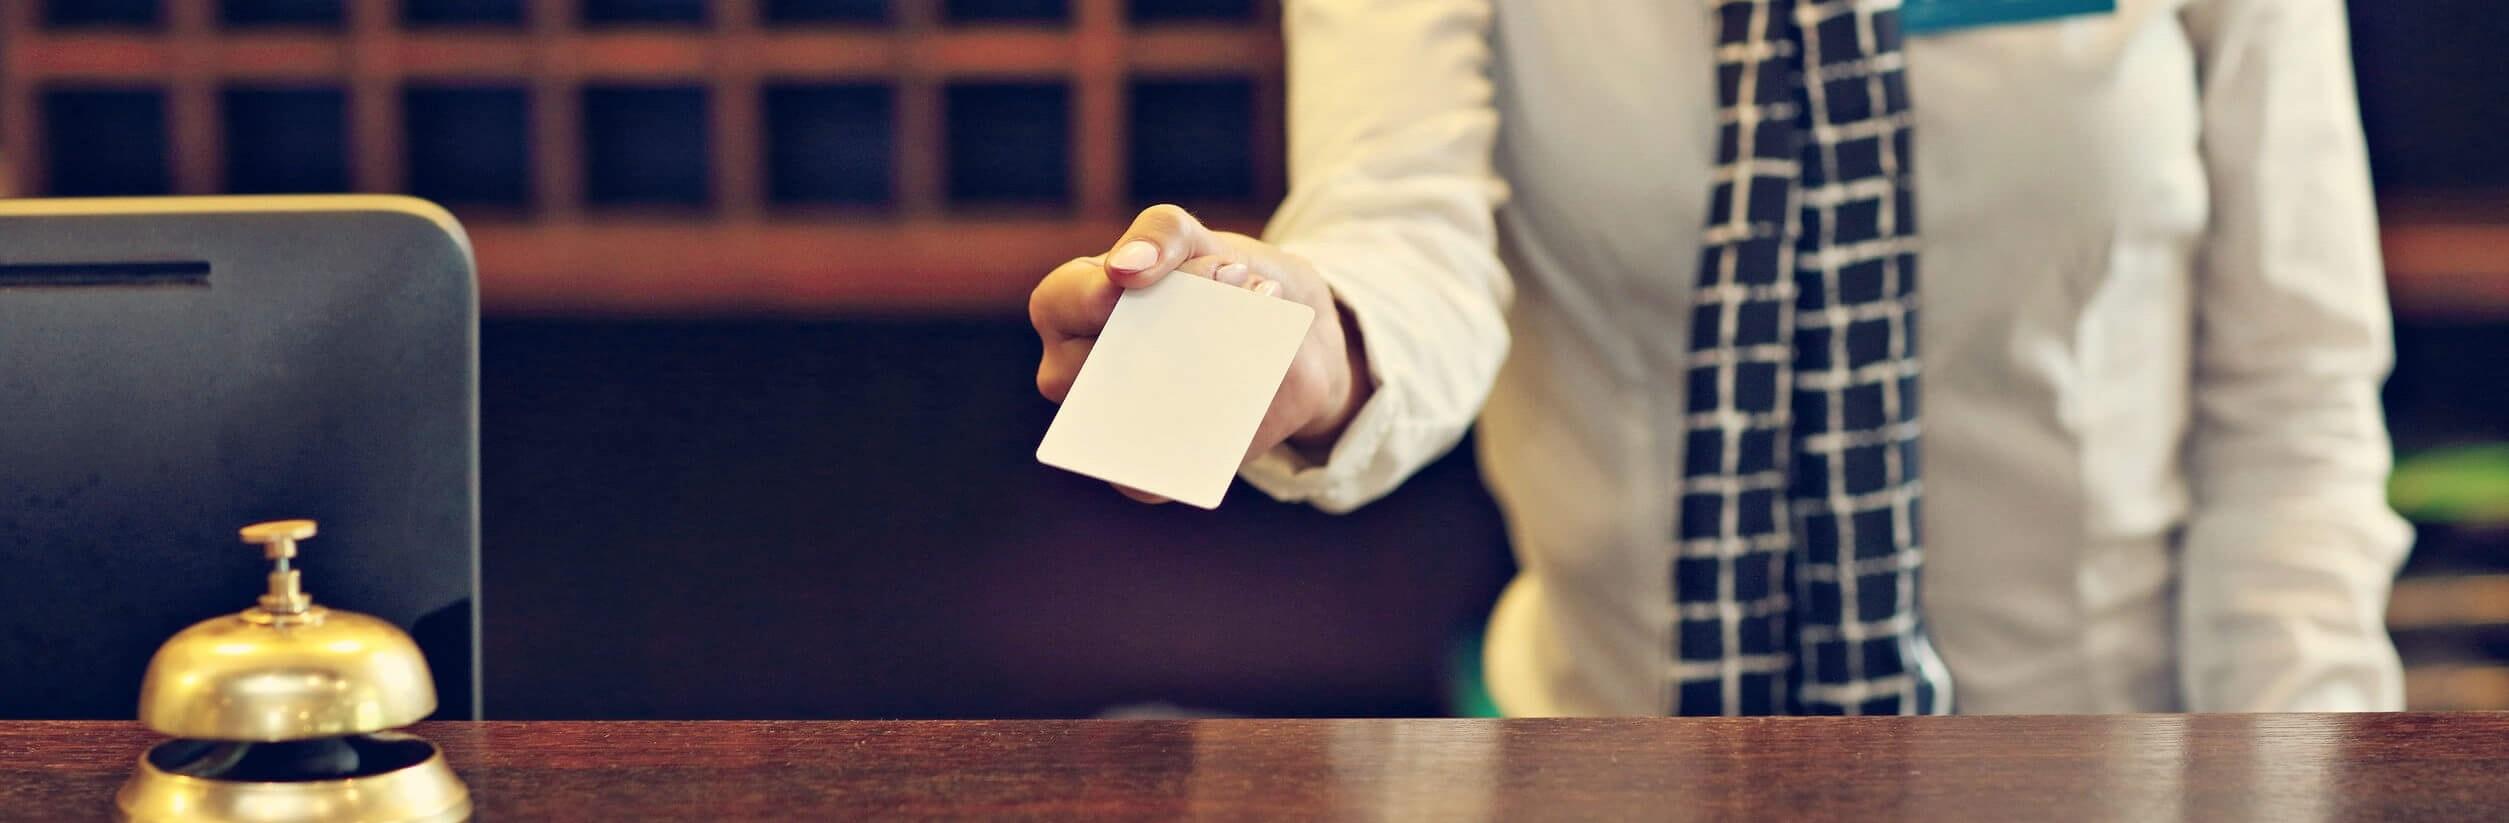 Hotel Card - die RFID Karte fur Zugangskontrollkarte_Andivi